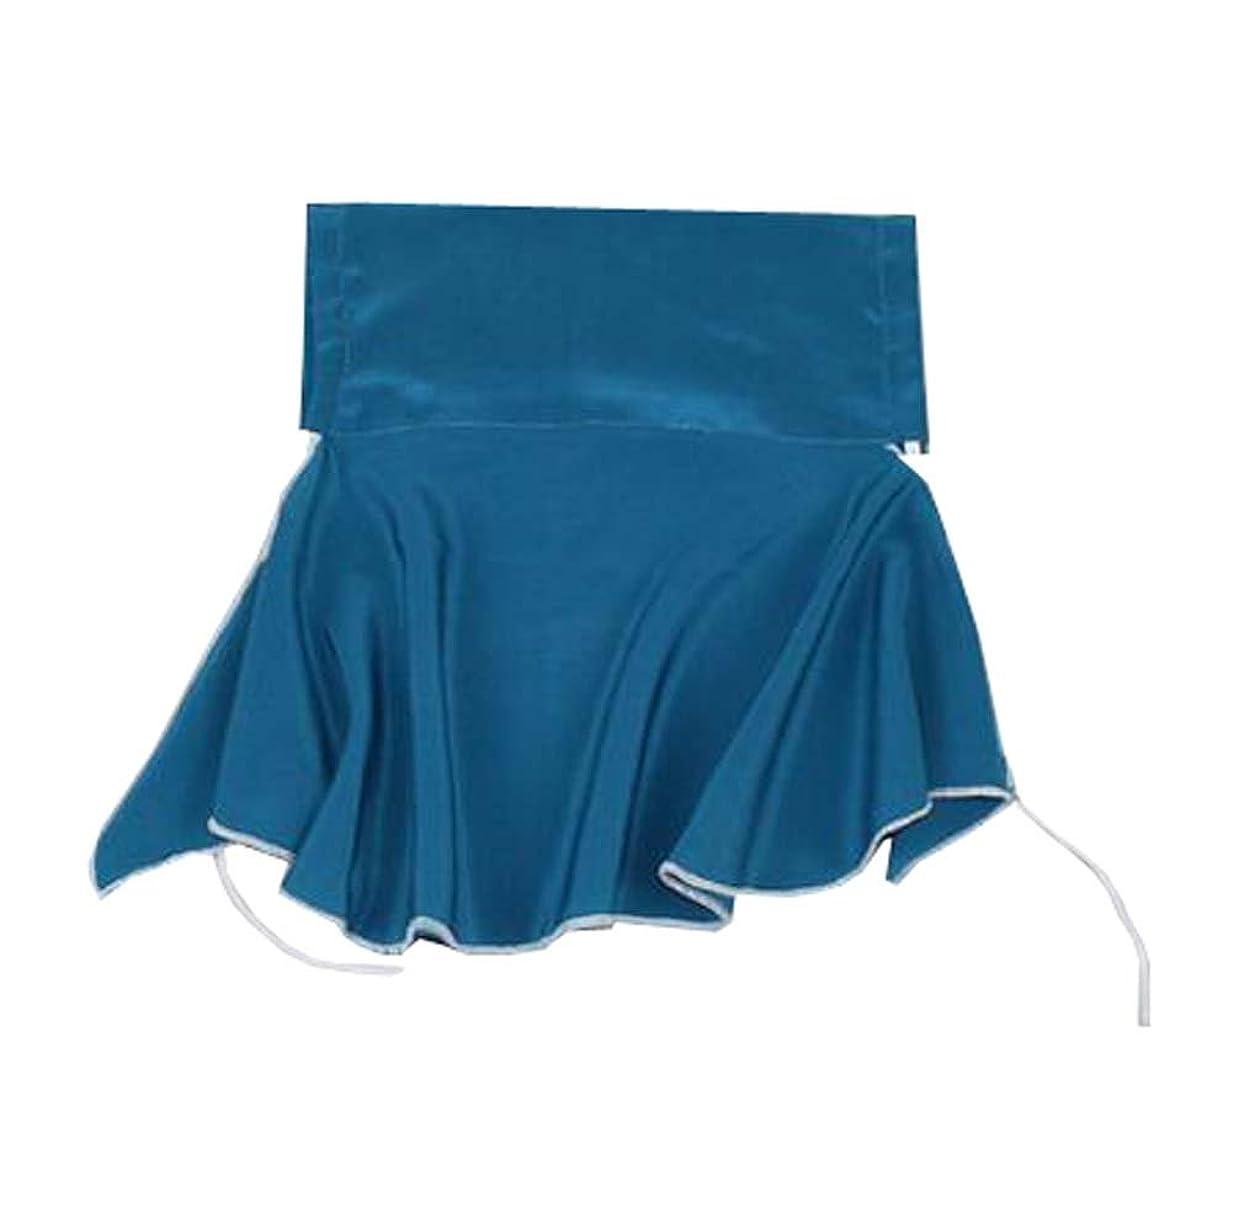 タイル散髪夕食を食べる通気性コージーシルクマウスマスクネックプロテクションアンチフォグ/ダストマスク/アンチUV - A2